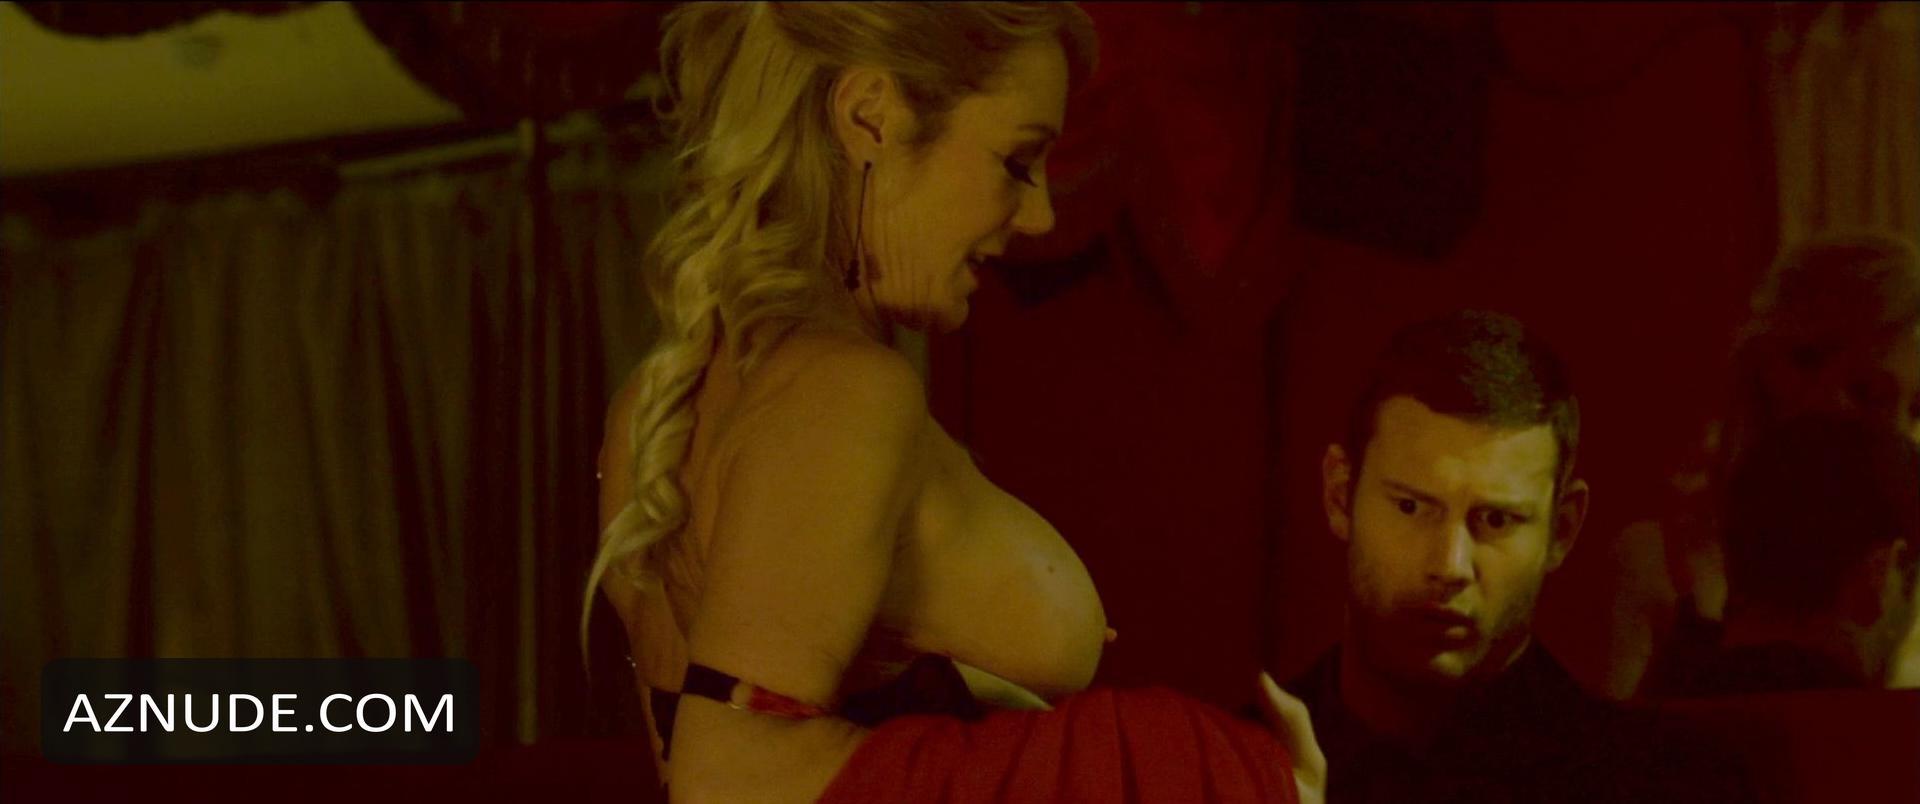 Helen pearson nude